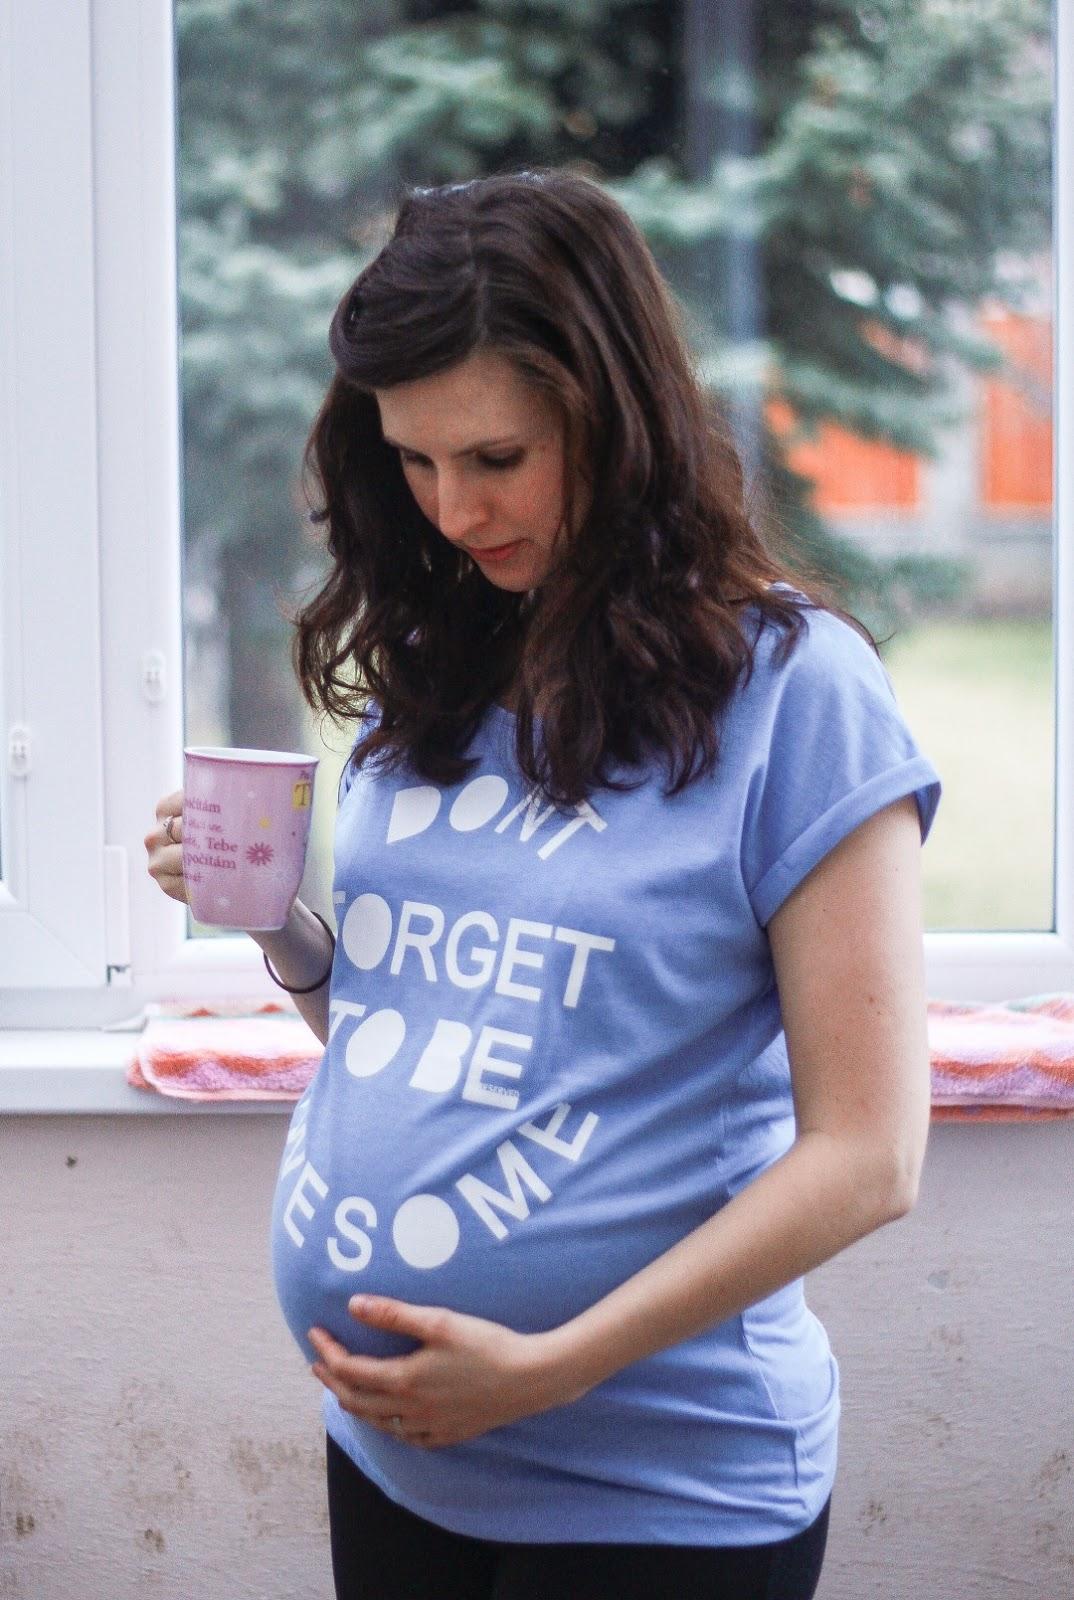 těhotenství, miminko, trapasy, mateřství, mateřská